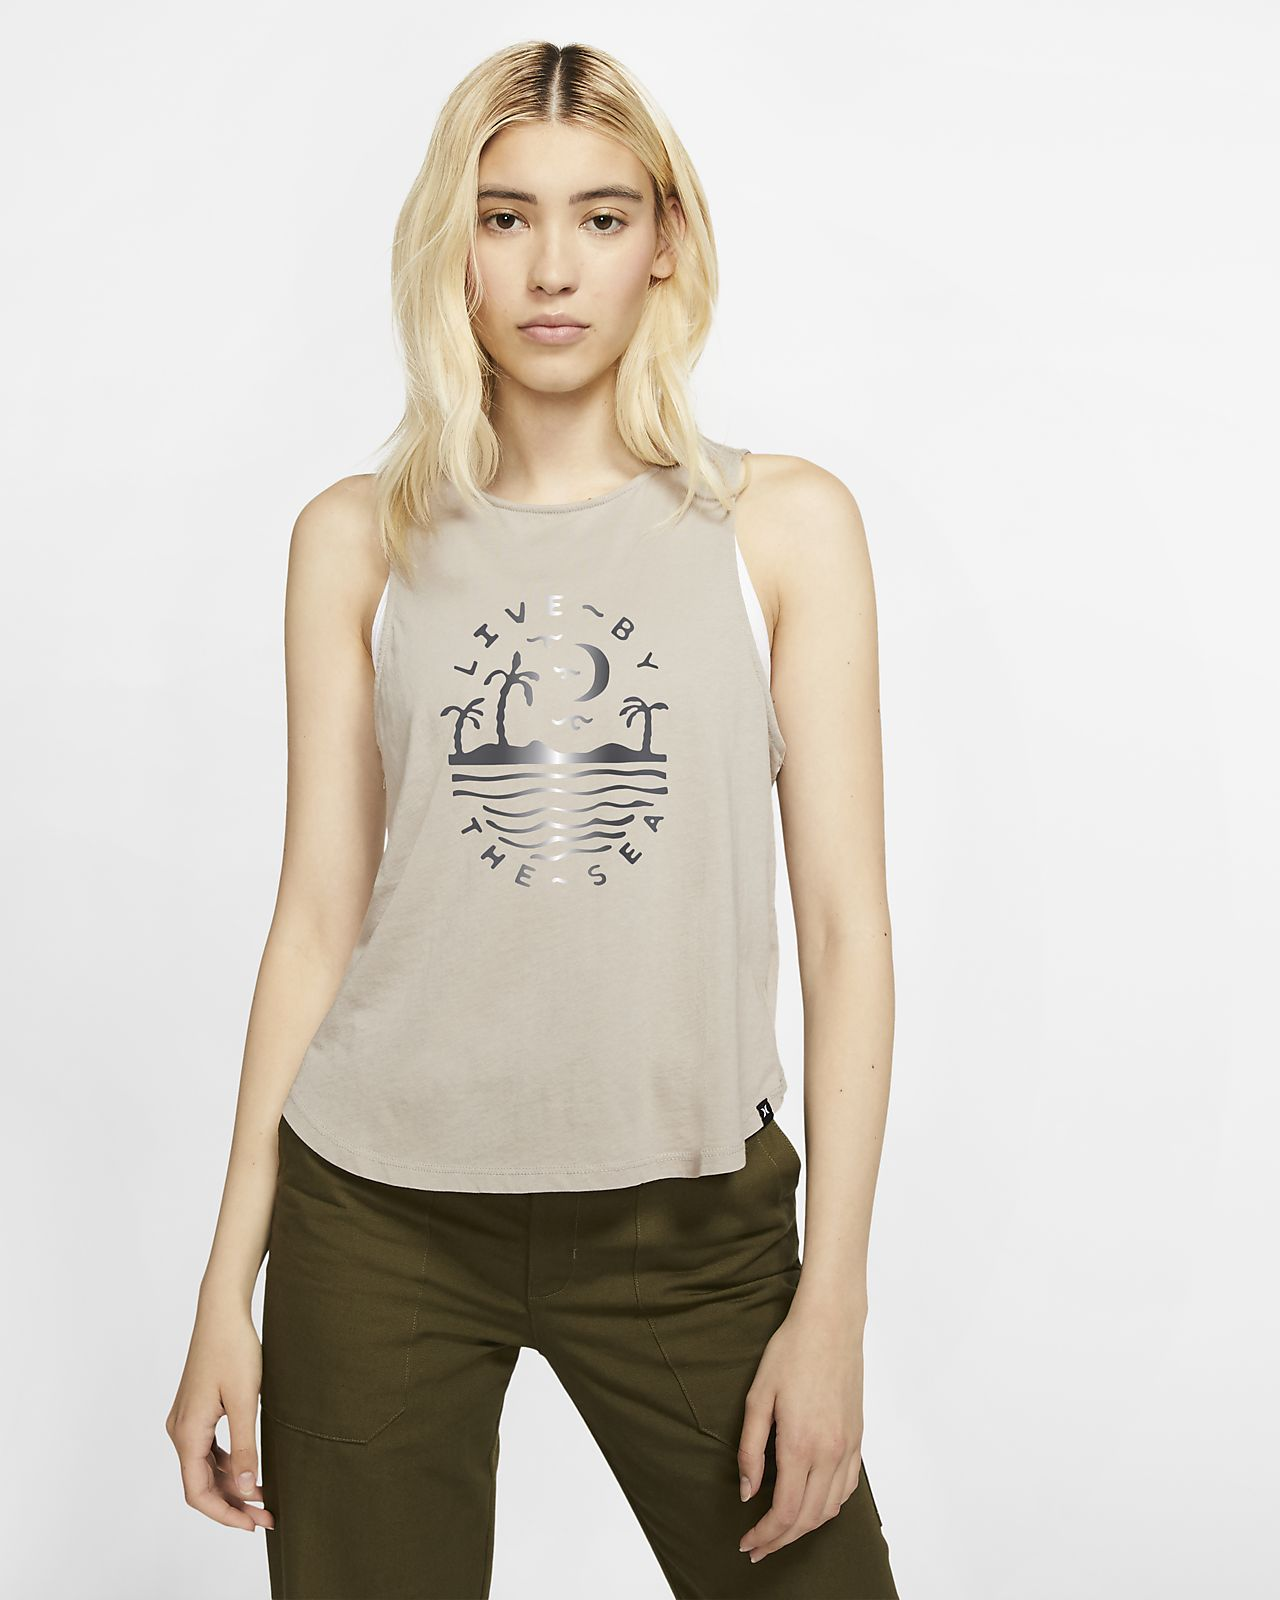 Hurley Seaside Flouncy Women's Tank